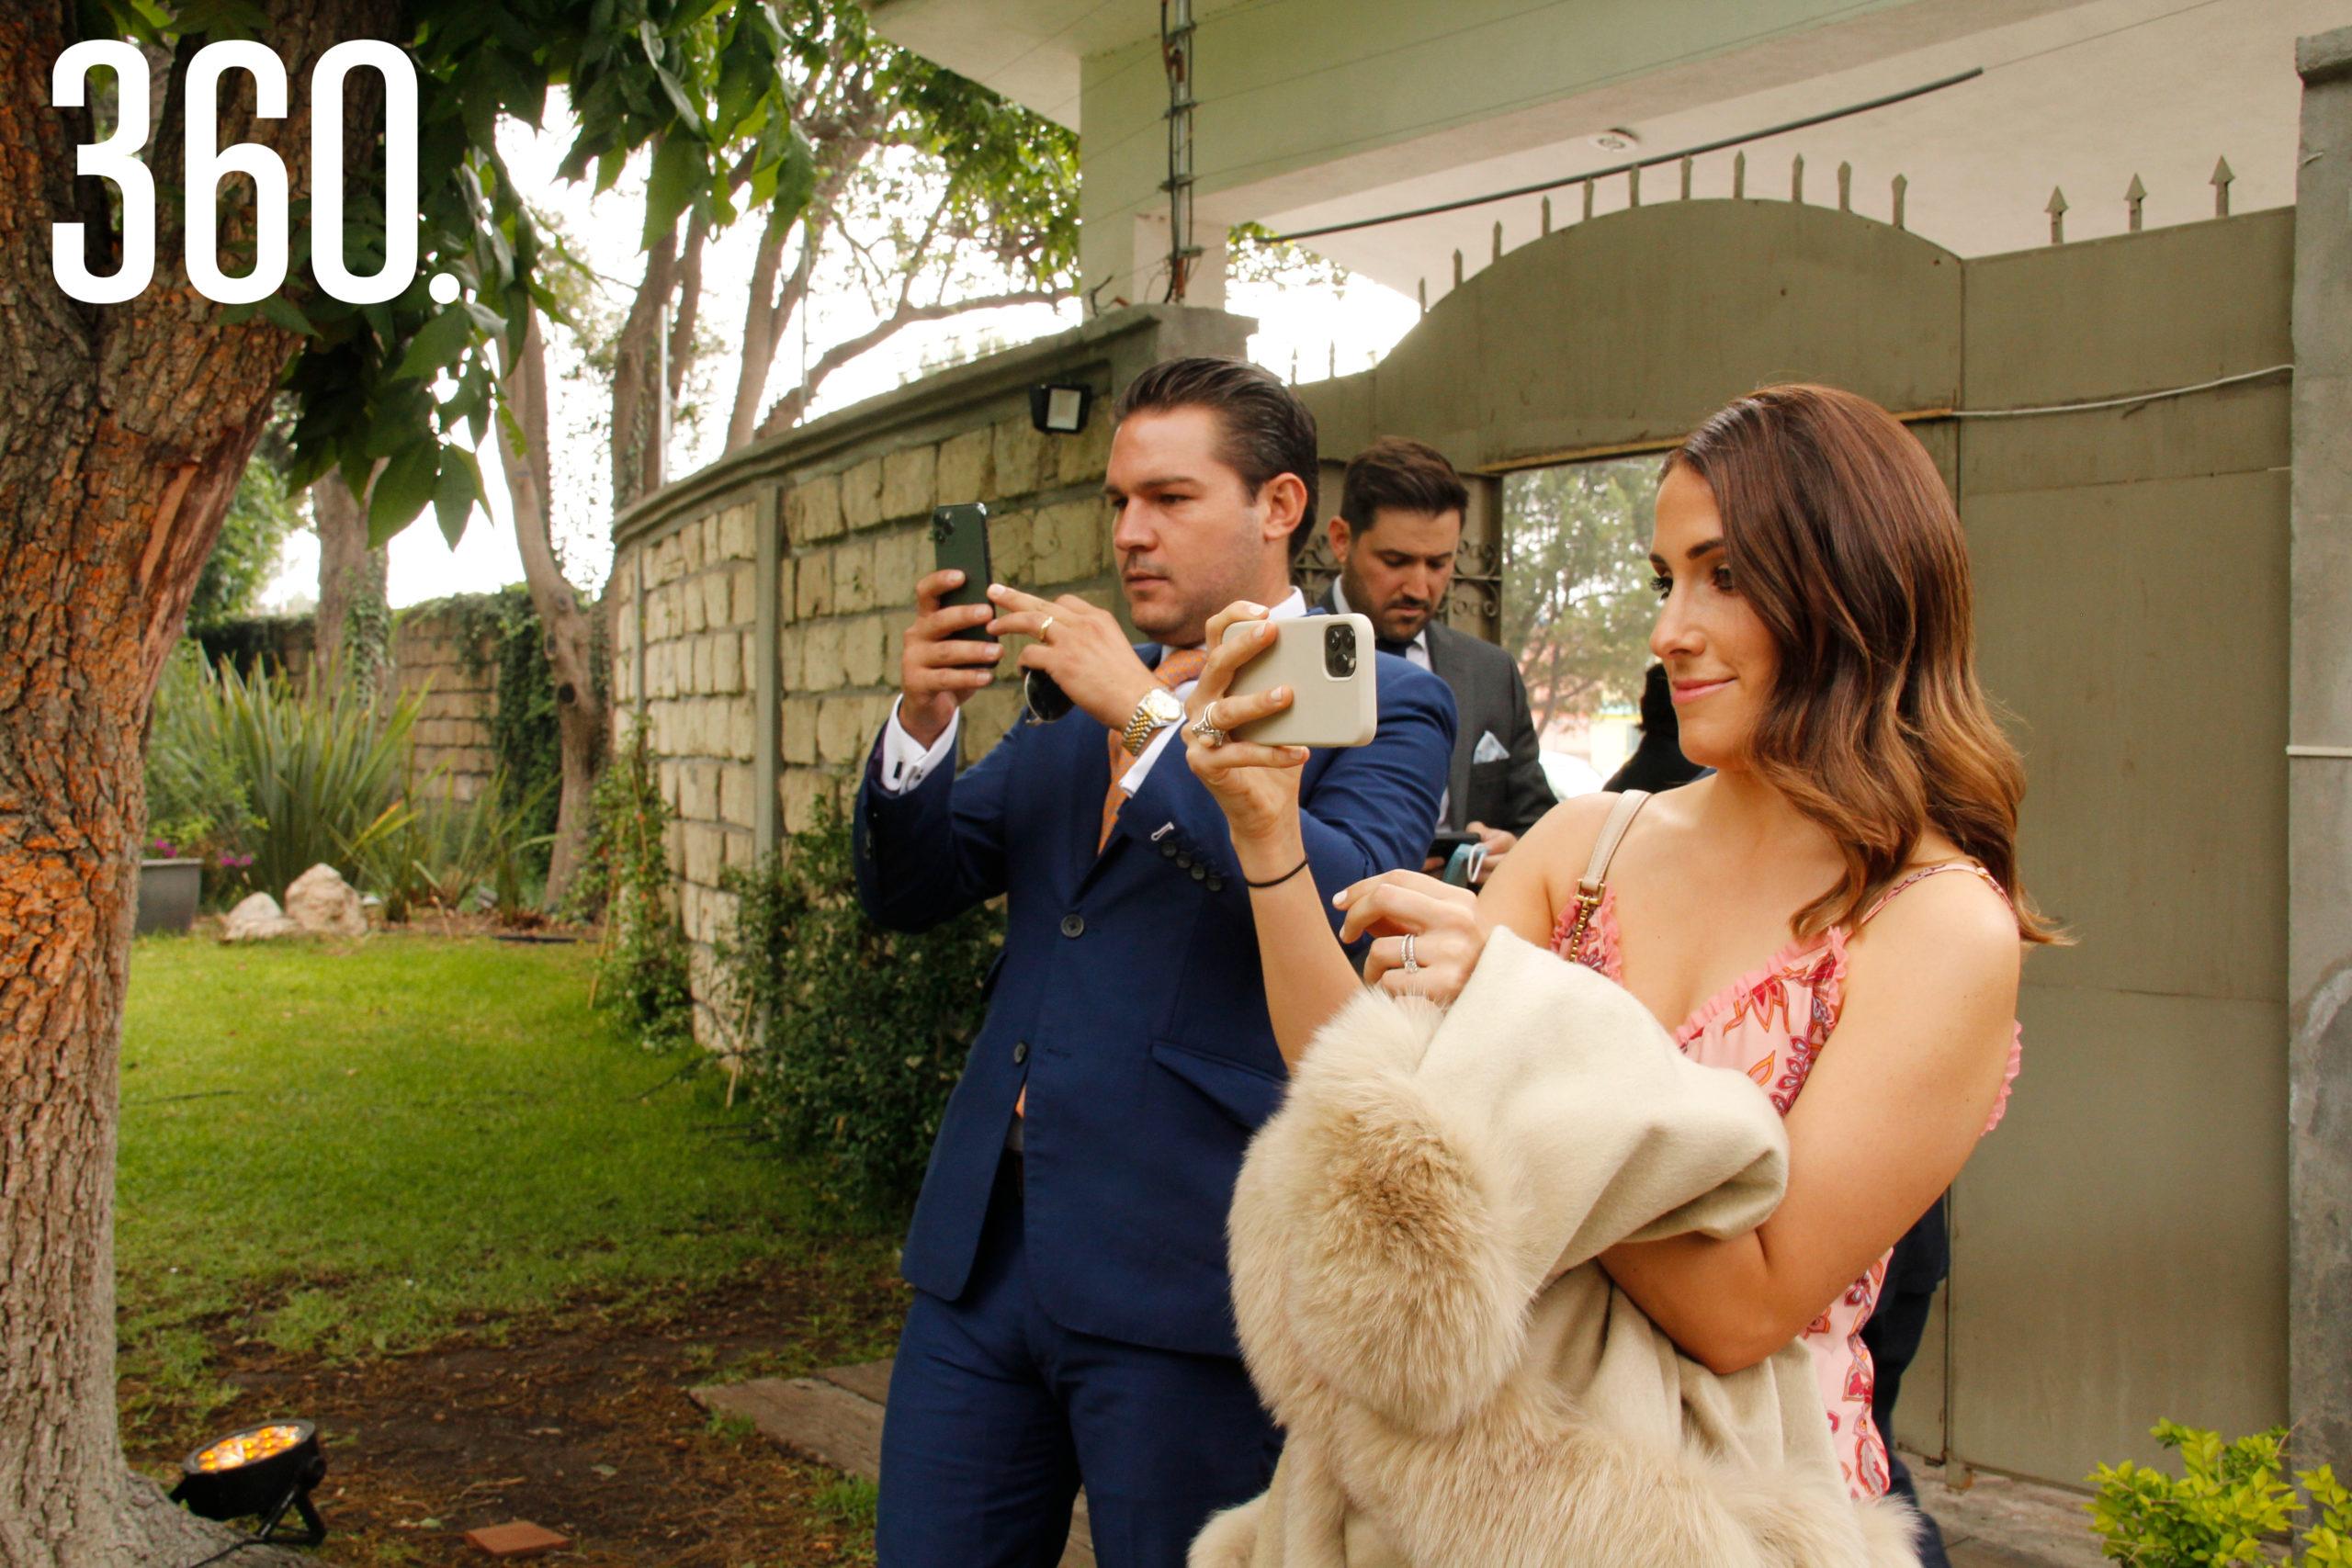 David García y Marcela Cepeda tomando fotos de los novios.